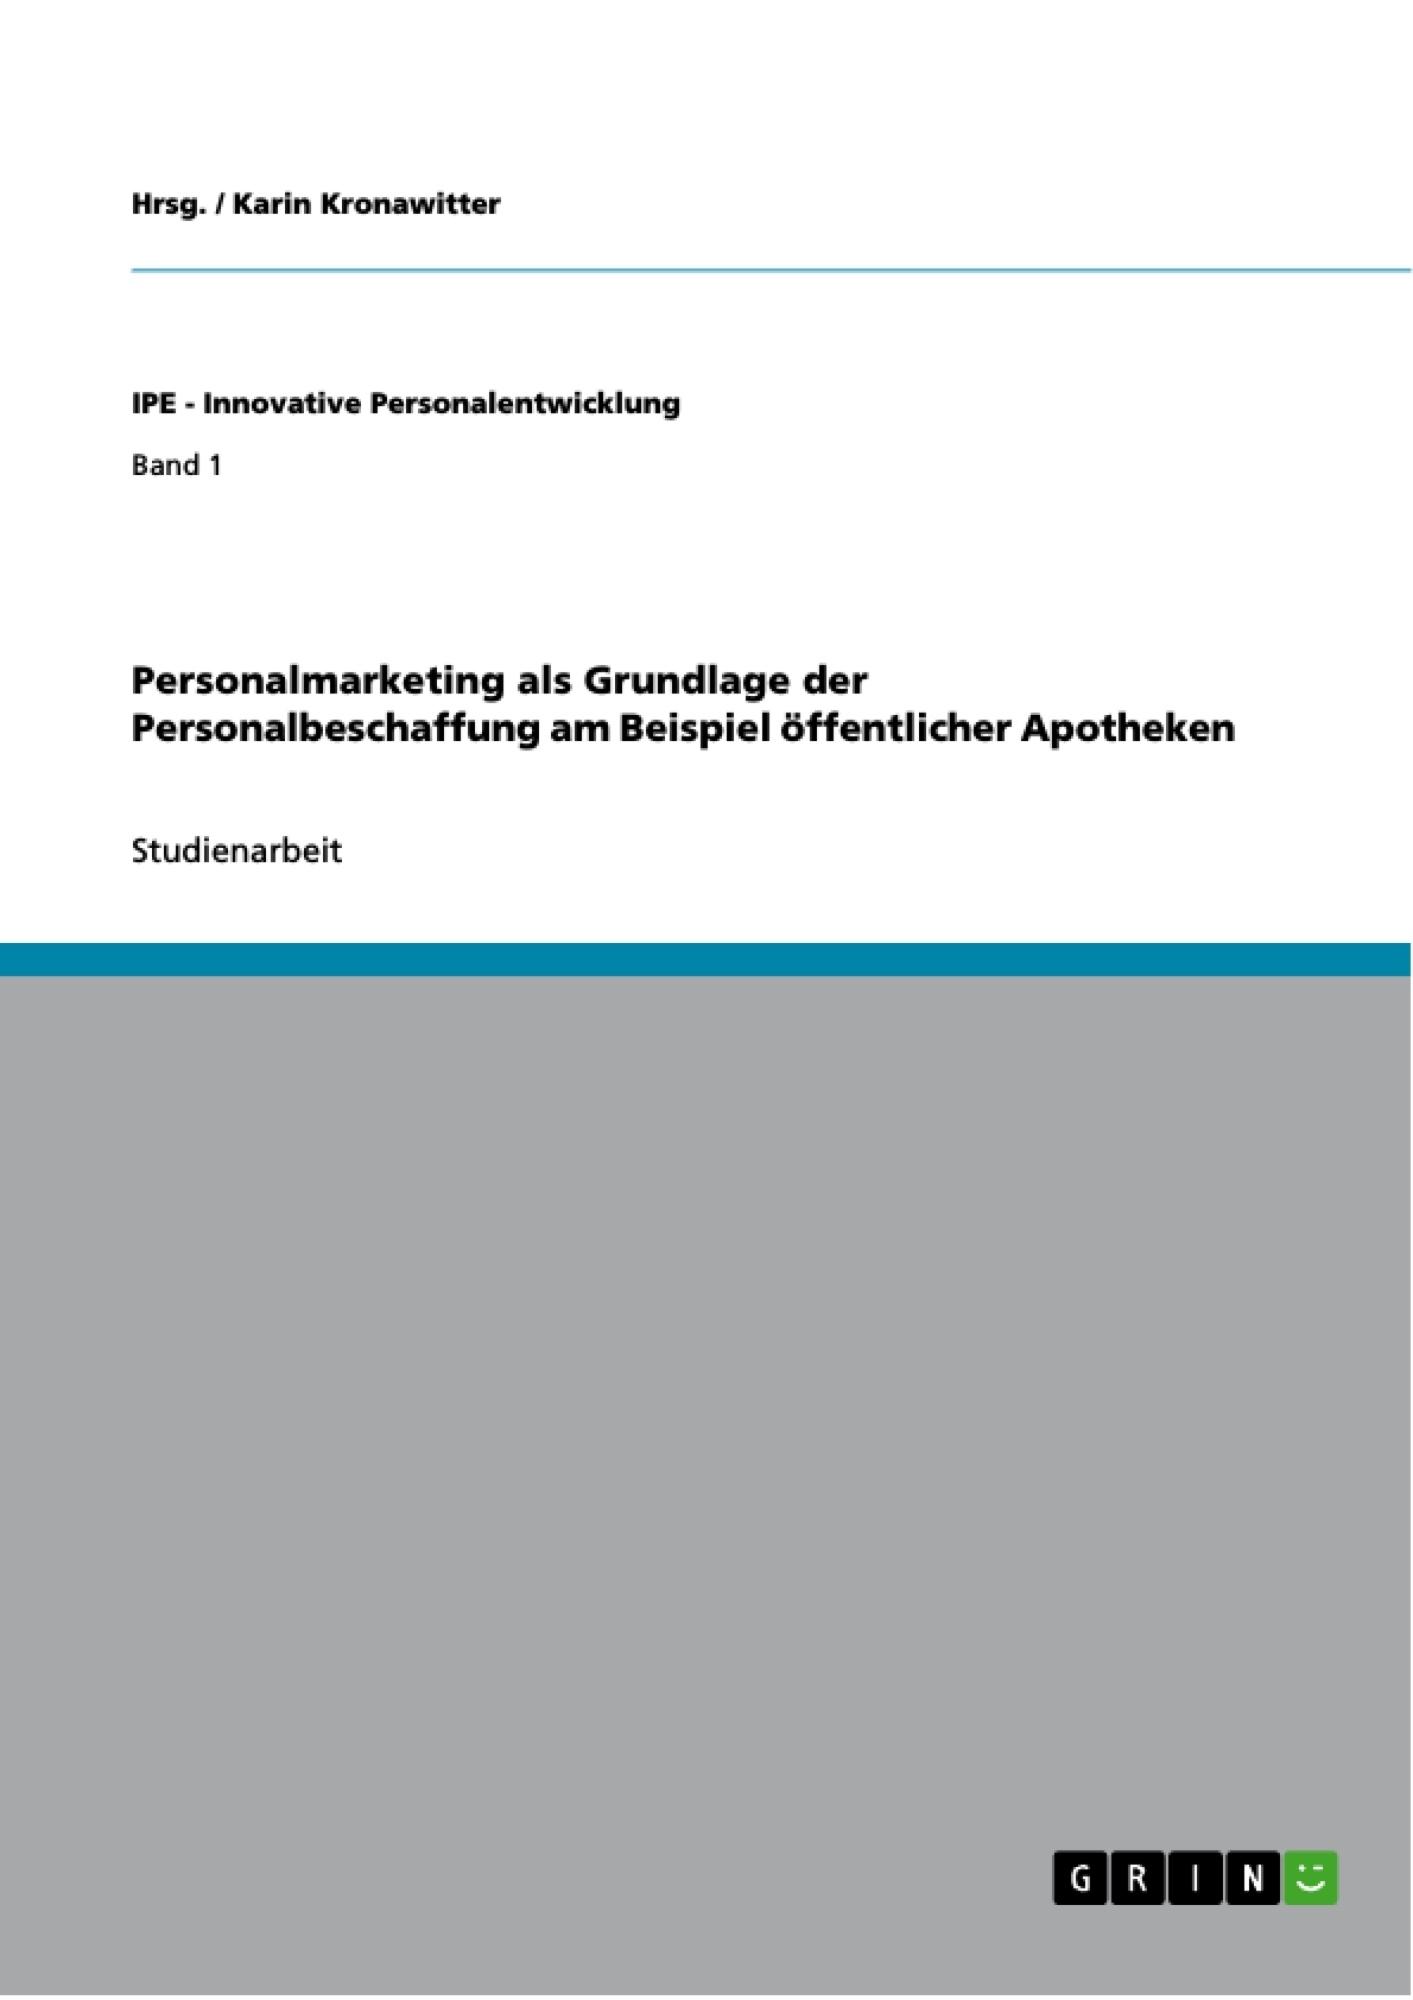 personalmarketing als grundlage der personalbeschaffung am masterarbeit hausarbeit bachelorarbeit verffentlichen - Personalentwicklungskonzept Beispiel